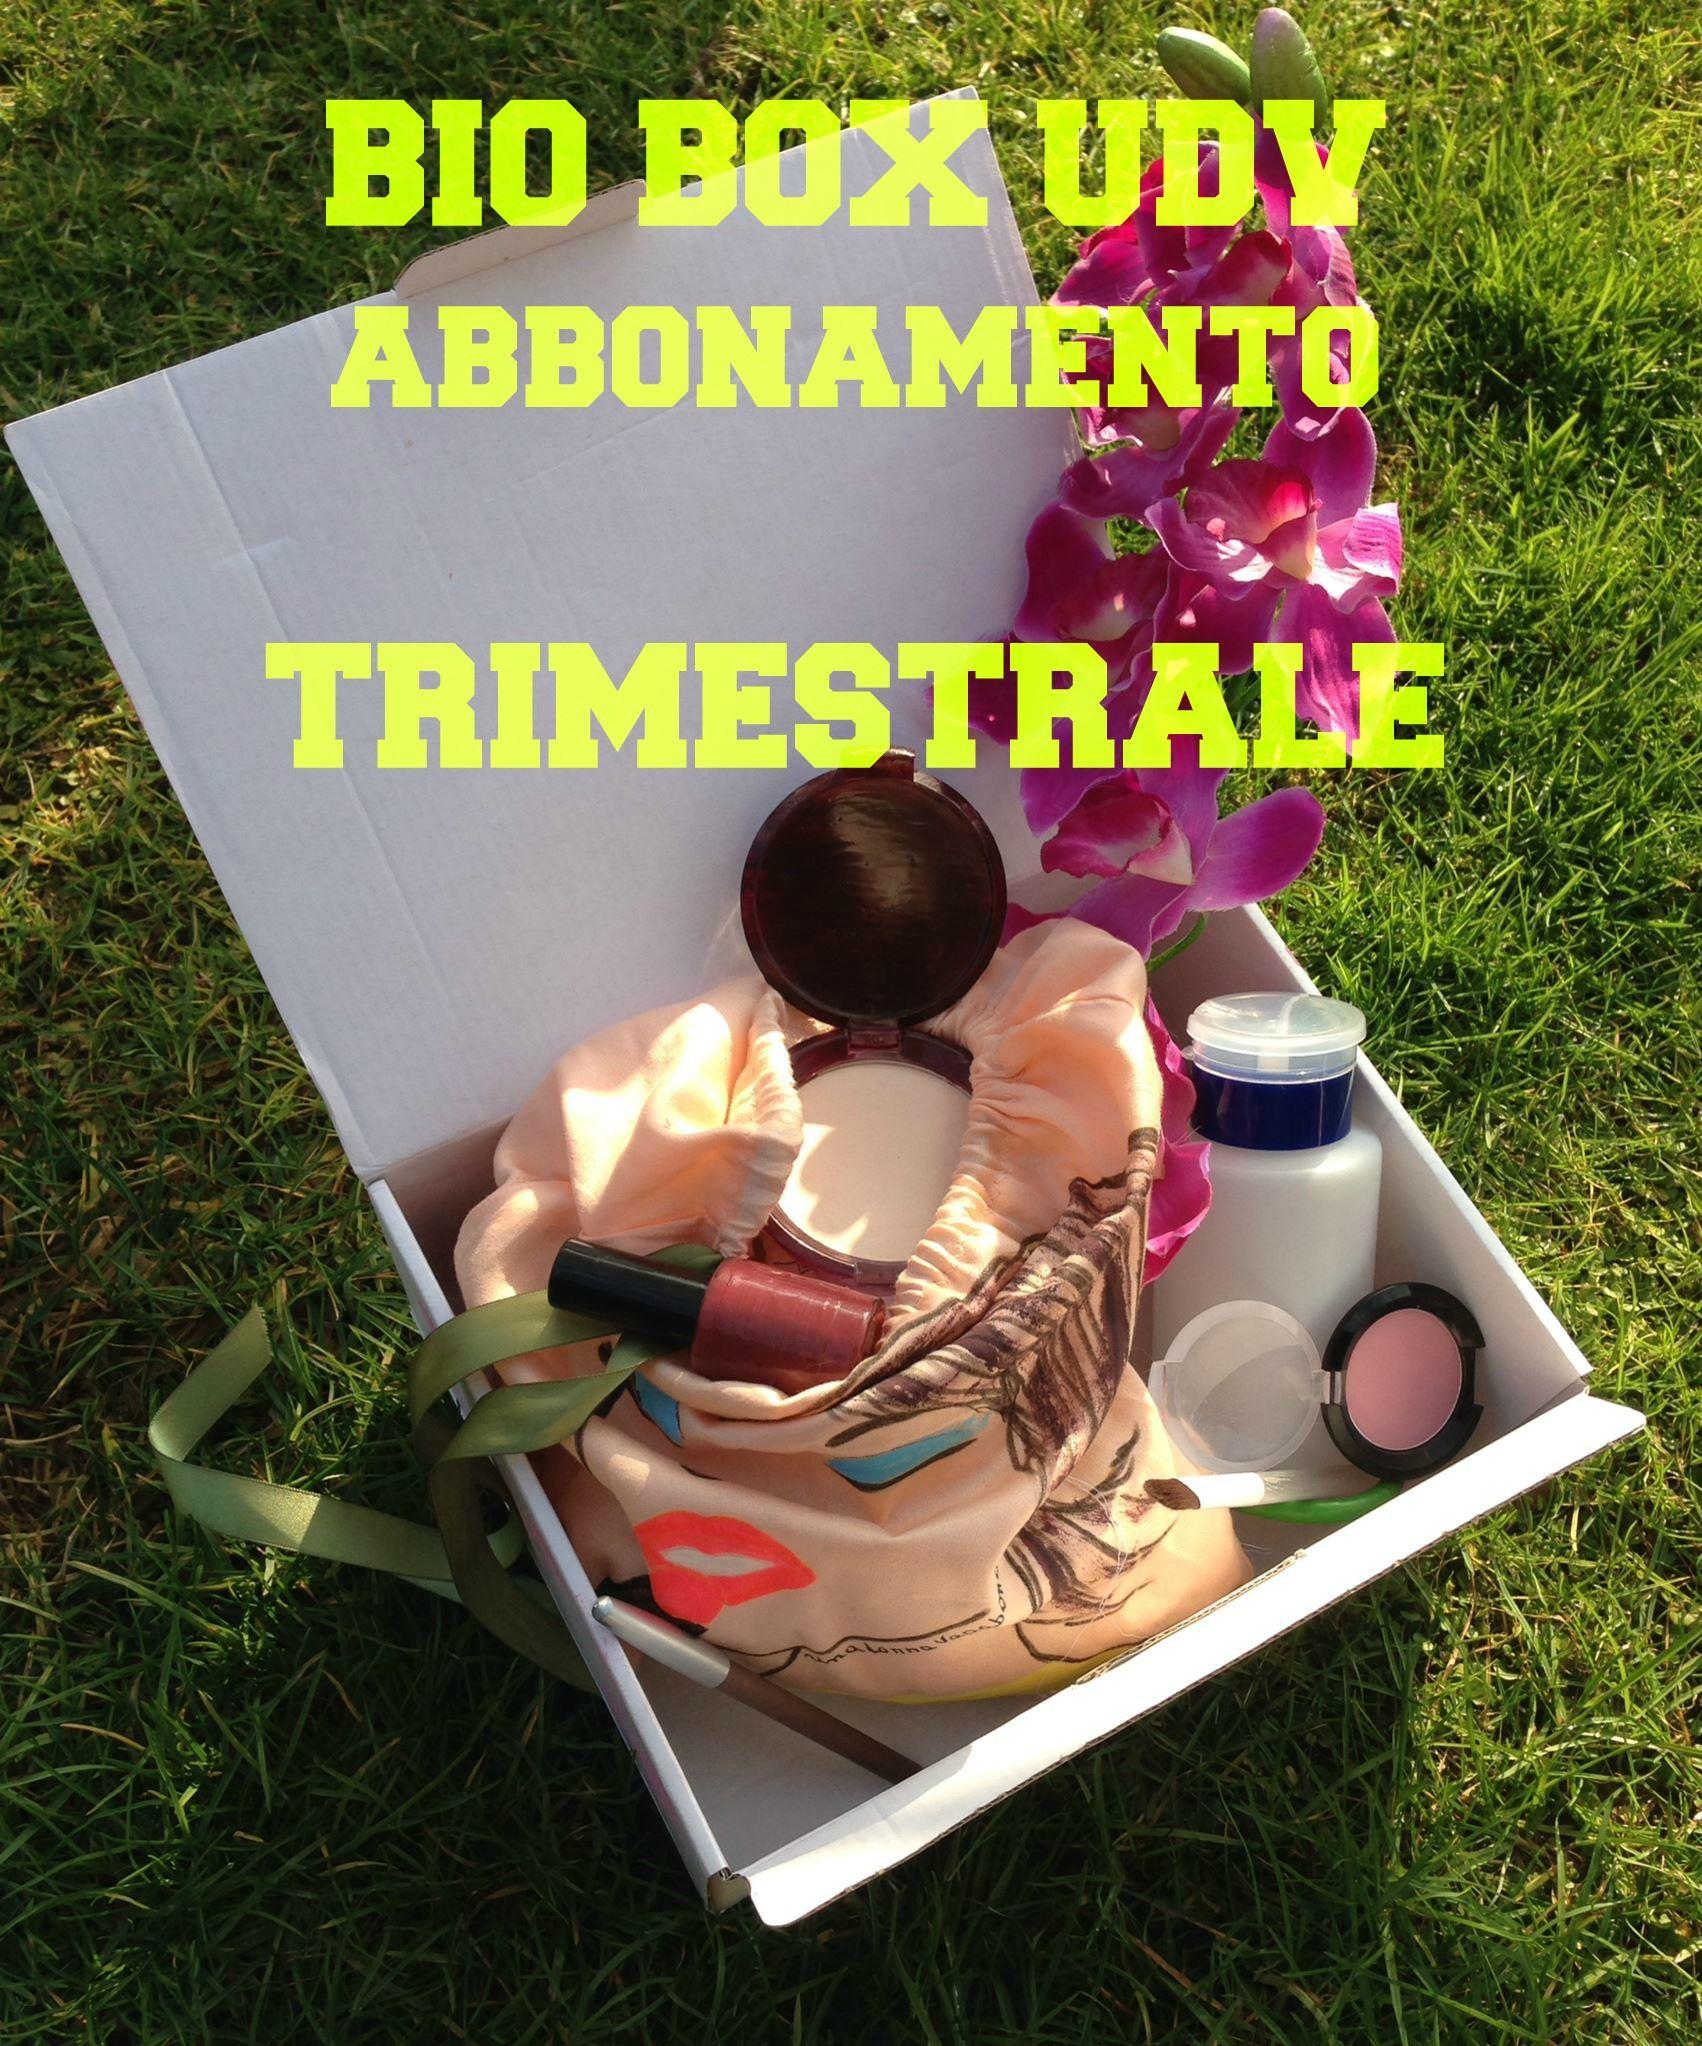 Una donna vagabonda BIO BOX abbonamento TRIMESTRALE